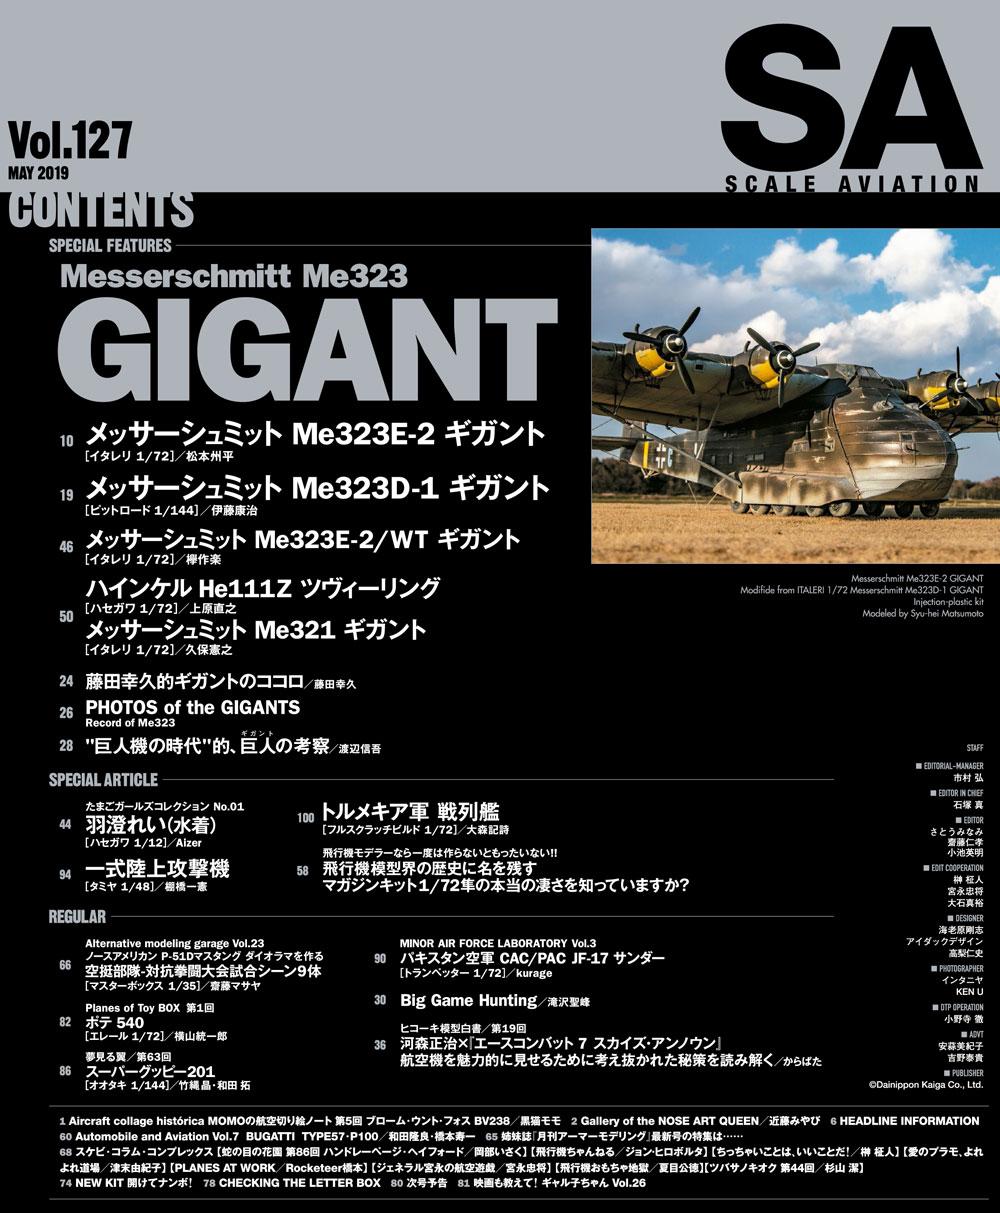 スケール アヴィエーション 2019年5月号雑誌(大日本絵画Scale AviationNo.Vol.127)商品画像_1